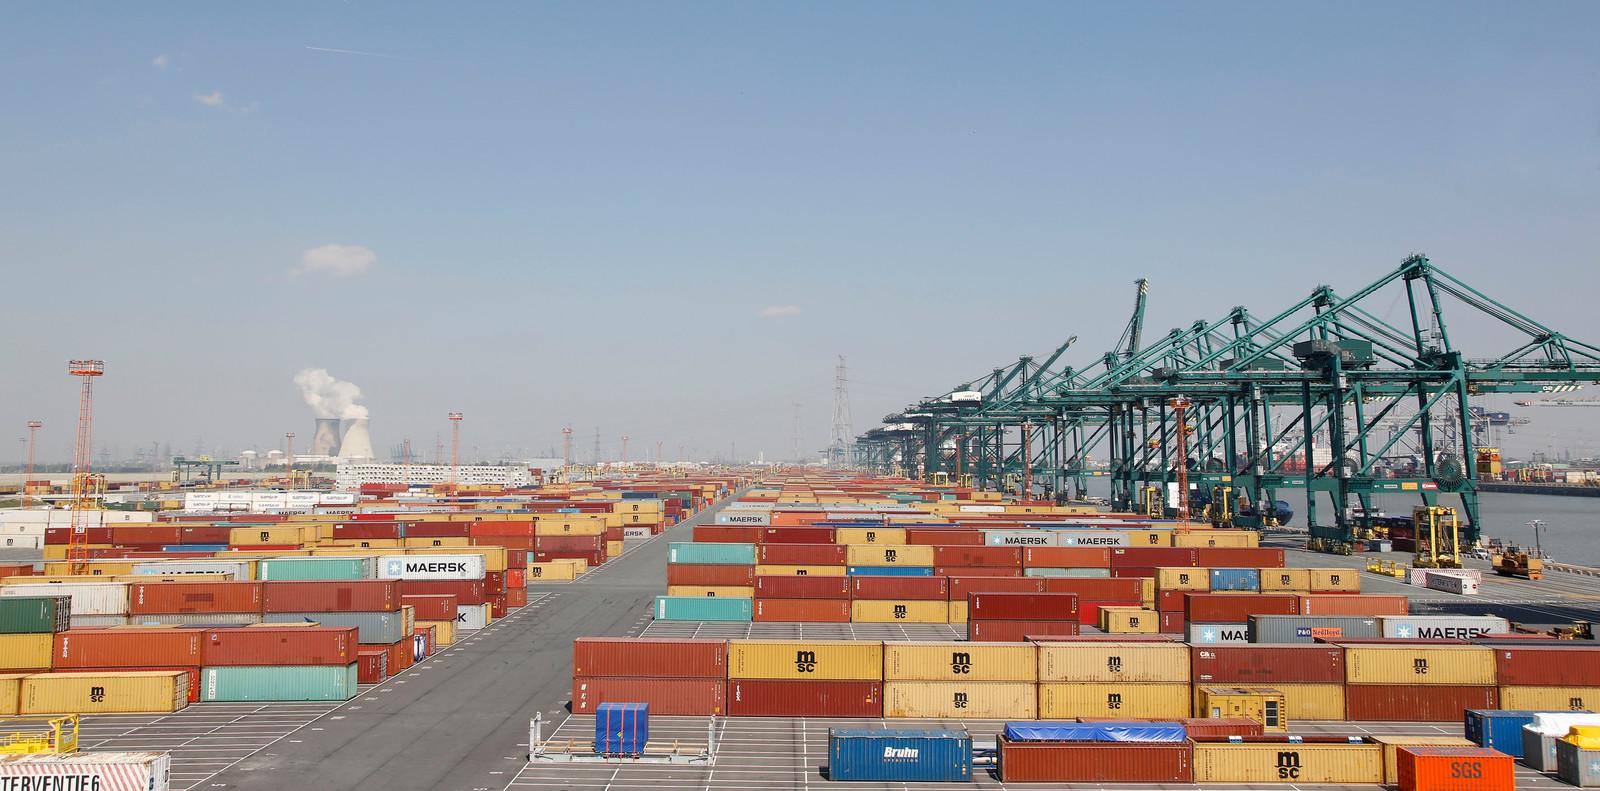 De haven van Antwerpen, waar jaarlijks vijftien miljoen containers aankomen.